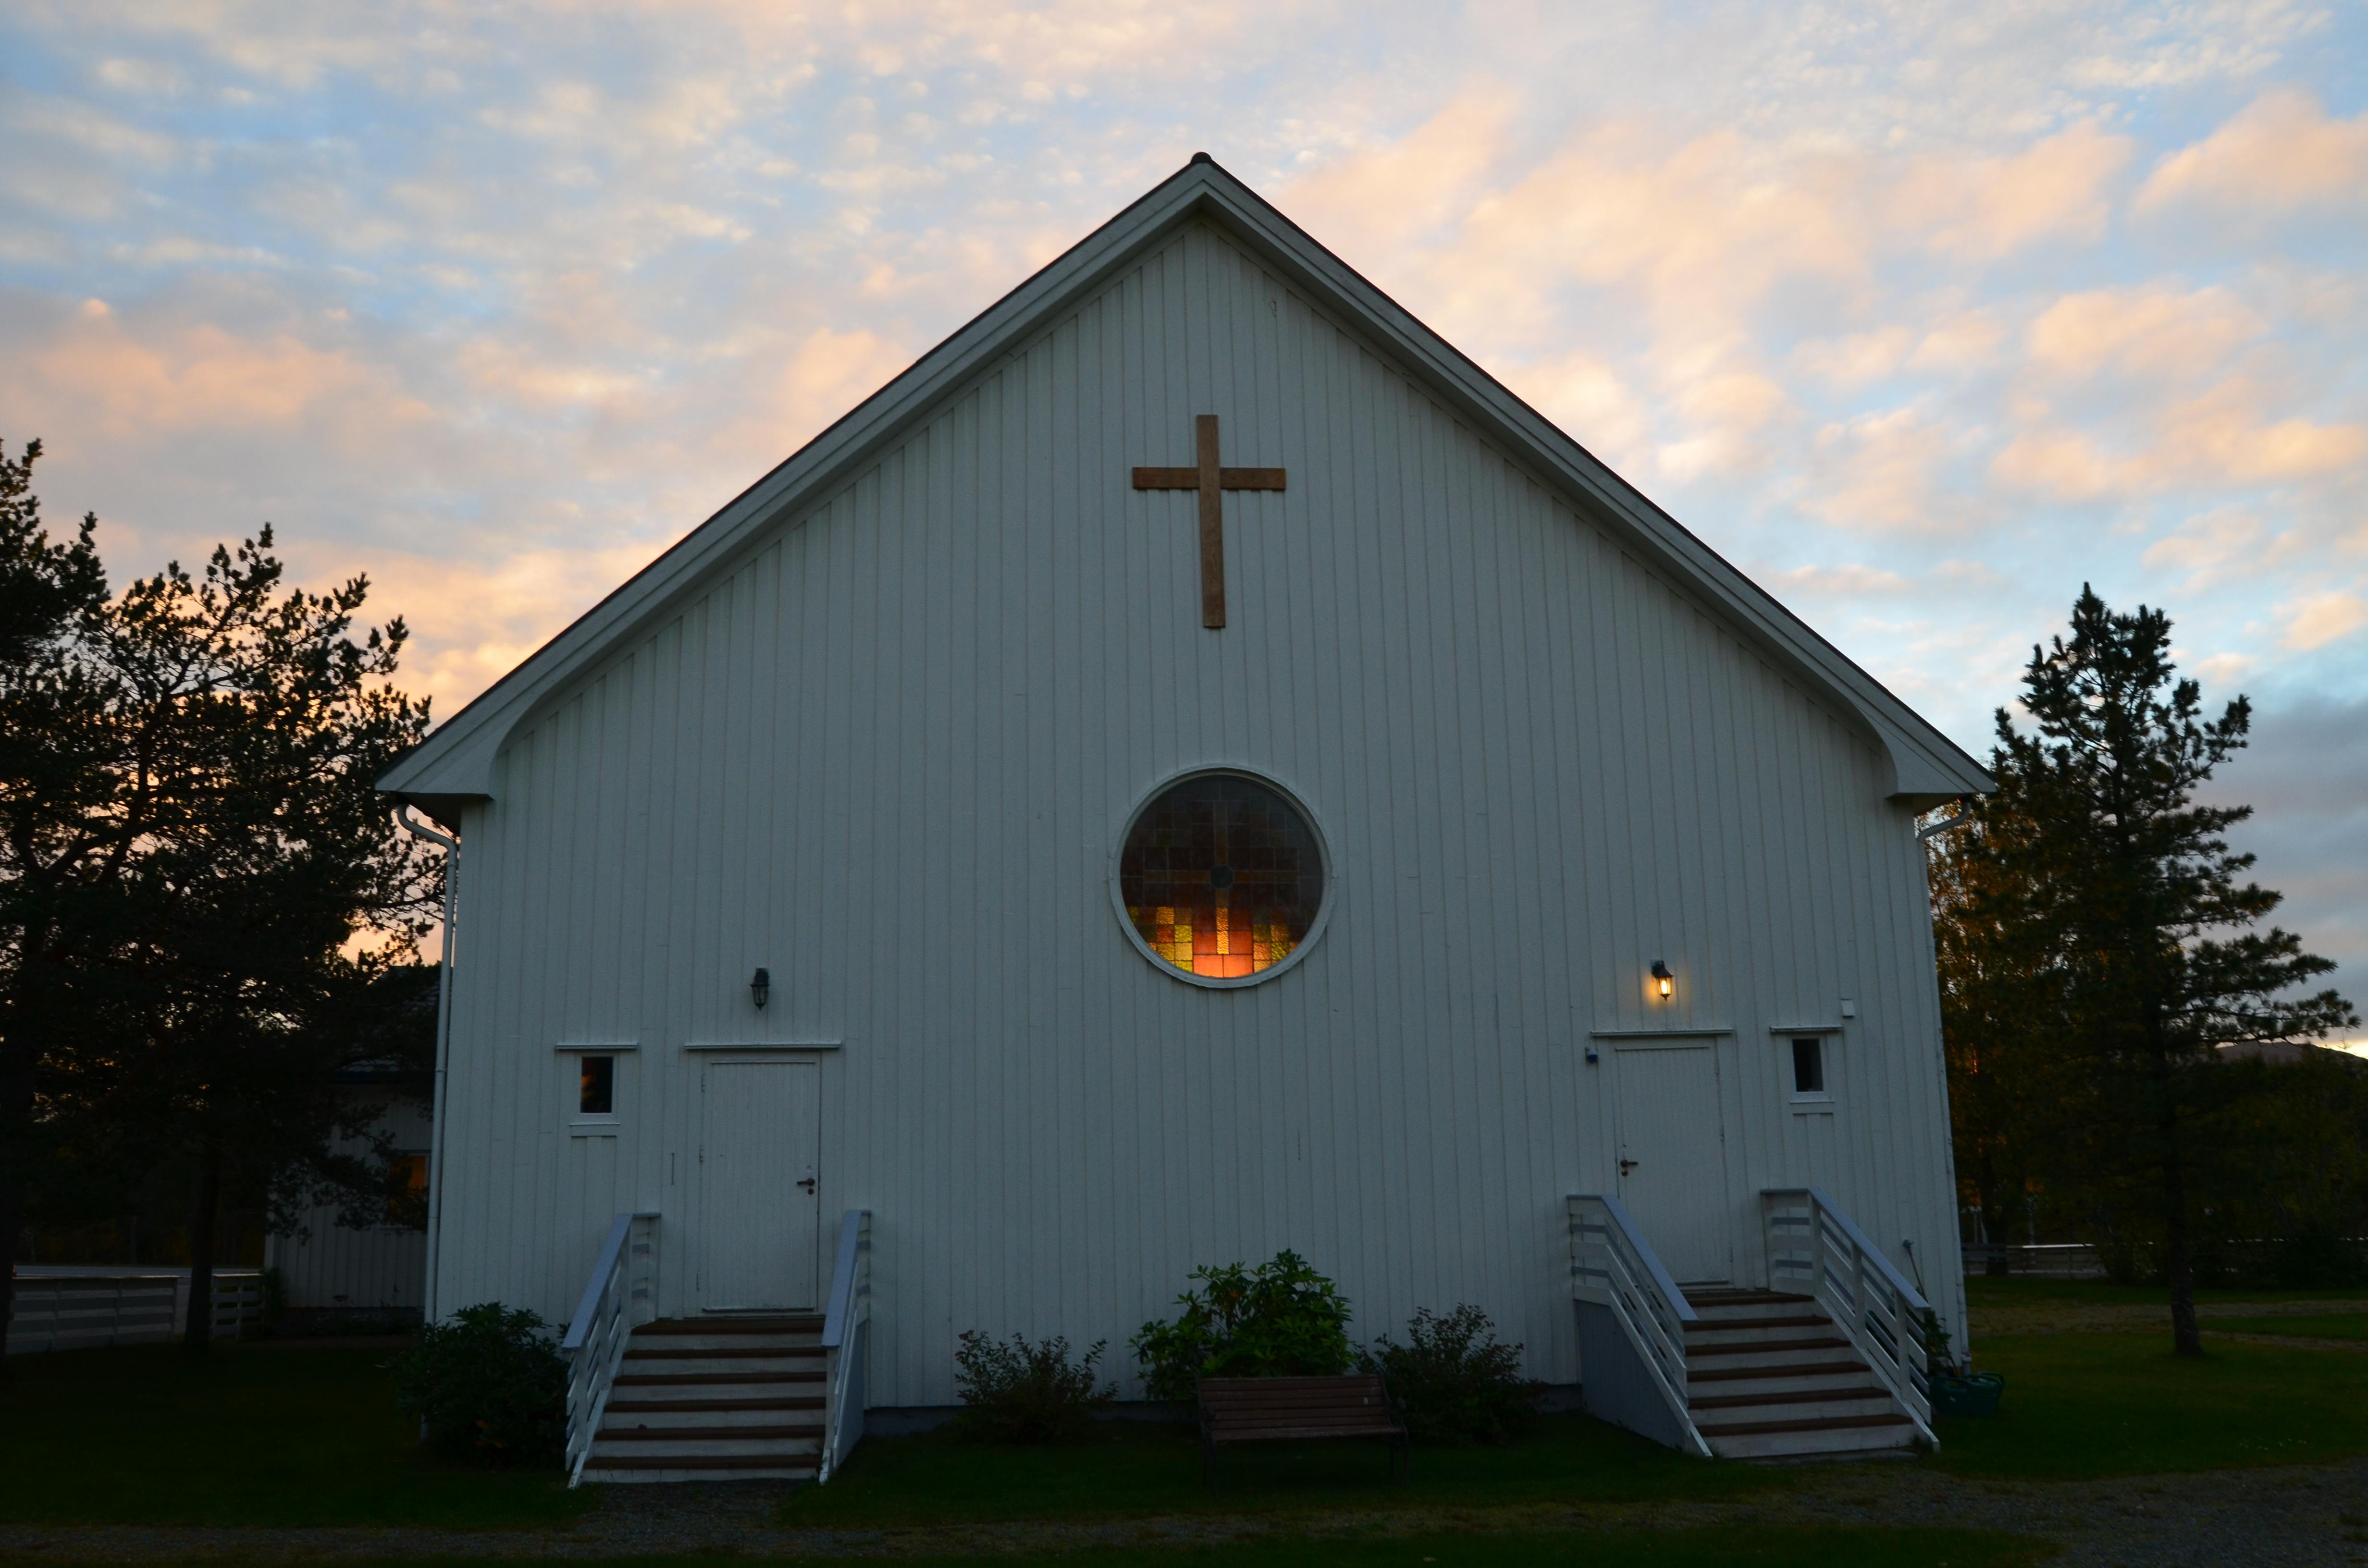 Halsa kyrkje i Nordland